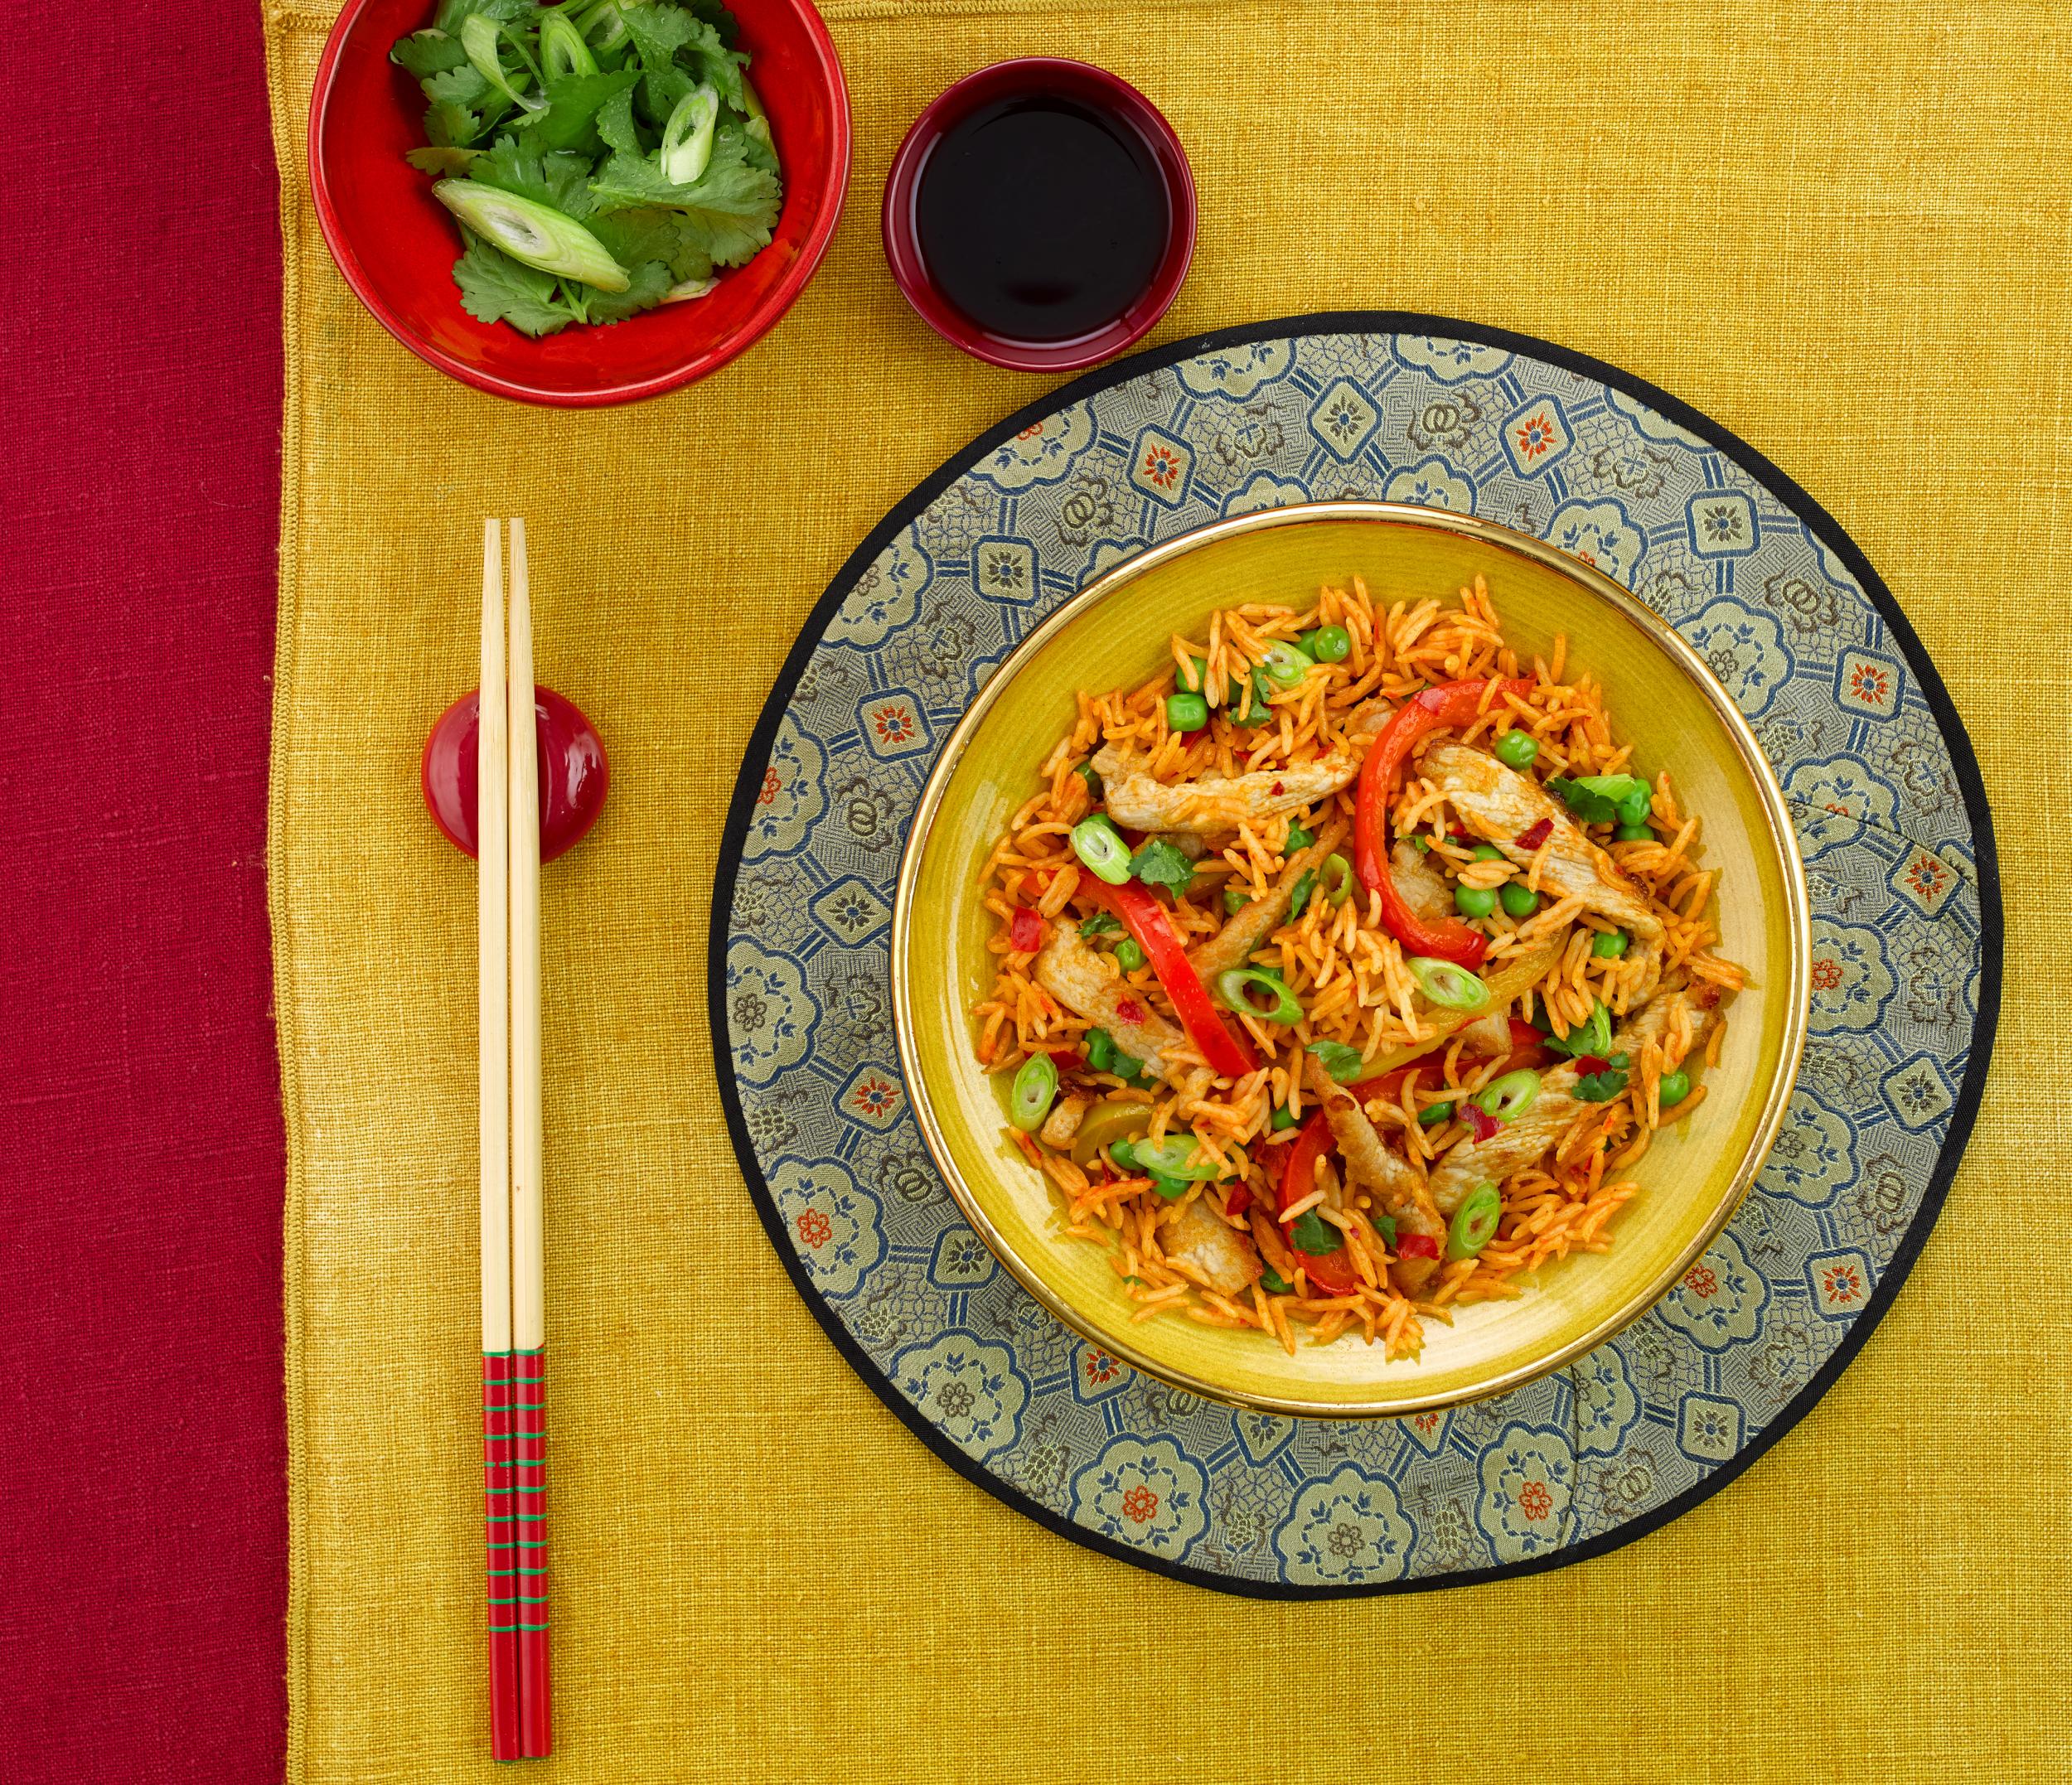 Chinese Pork & Pepper Stir-fry